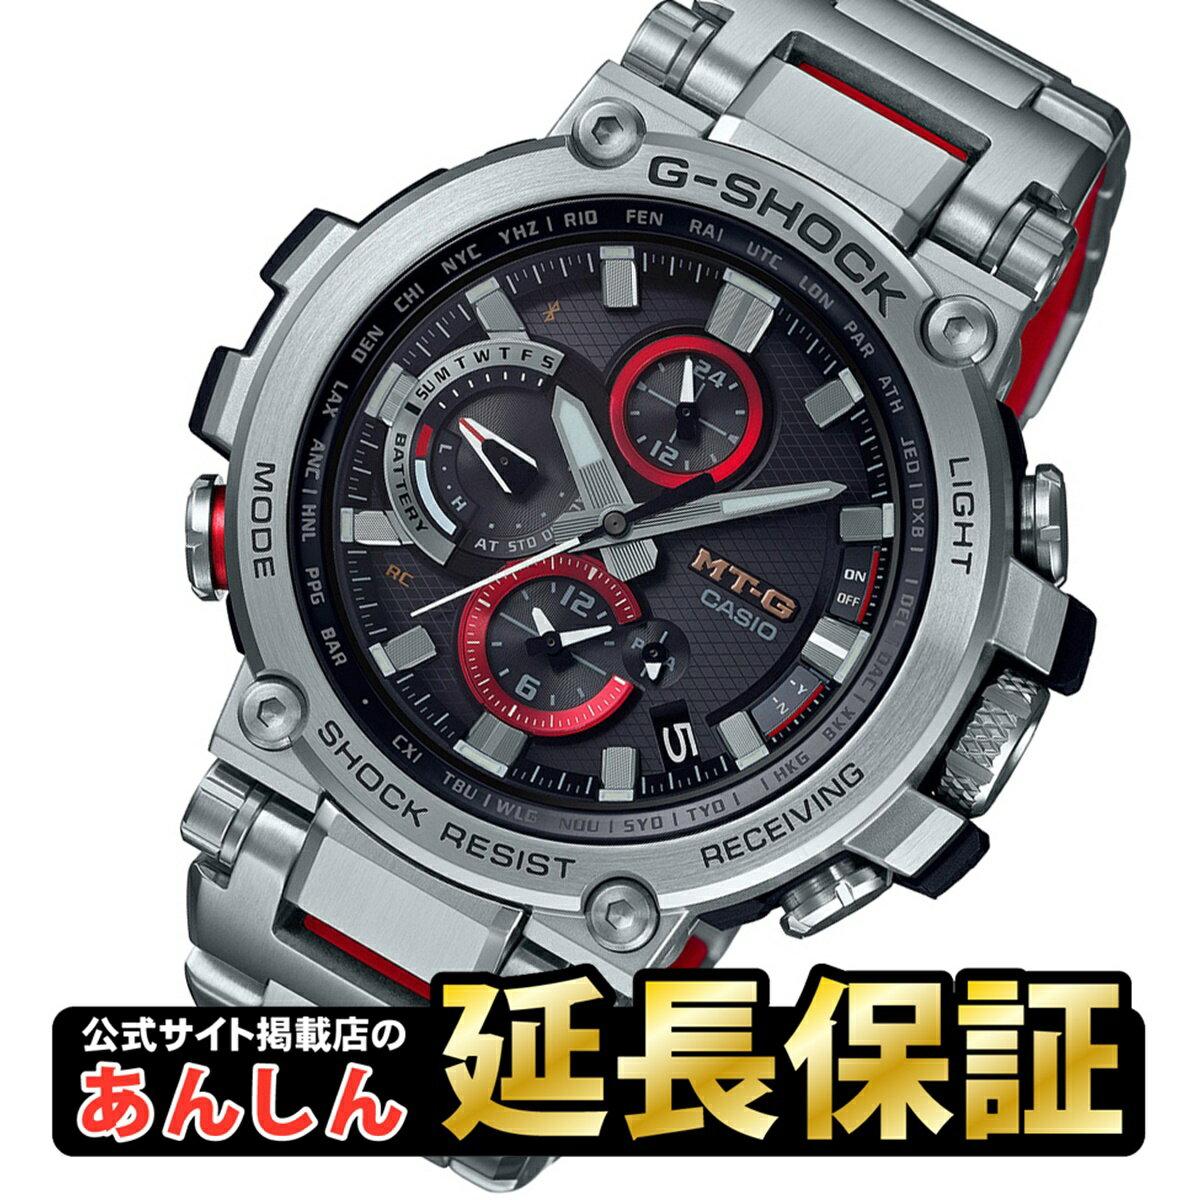 腕時計, メンズ腕時計 30 G MTG-B1000D-1AJF CASIO G-SHOCK MT-G101810spl